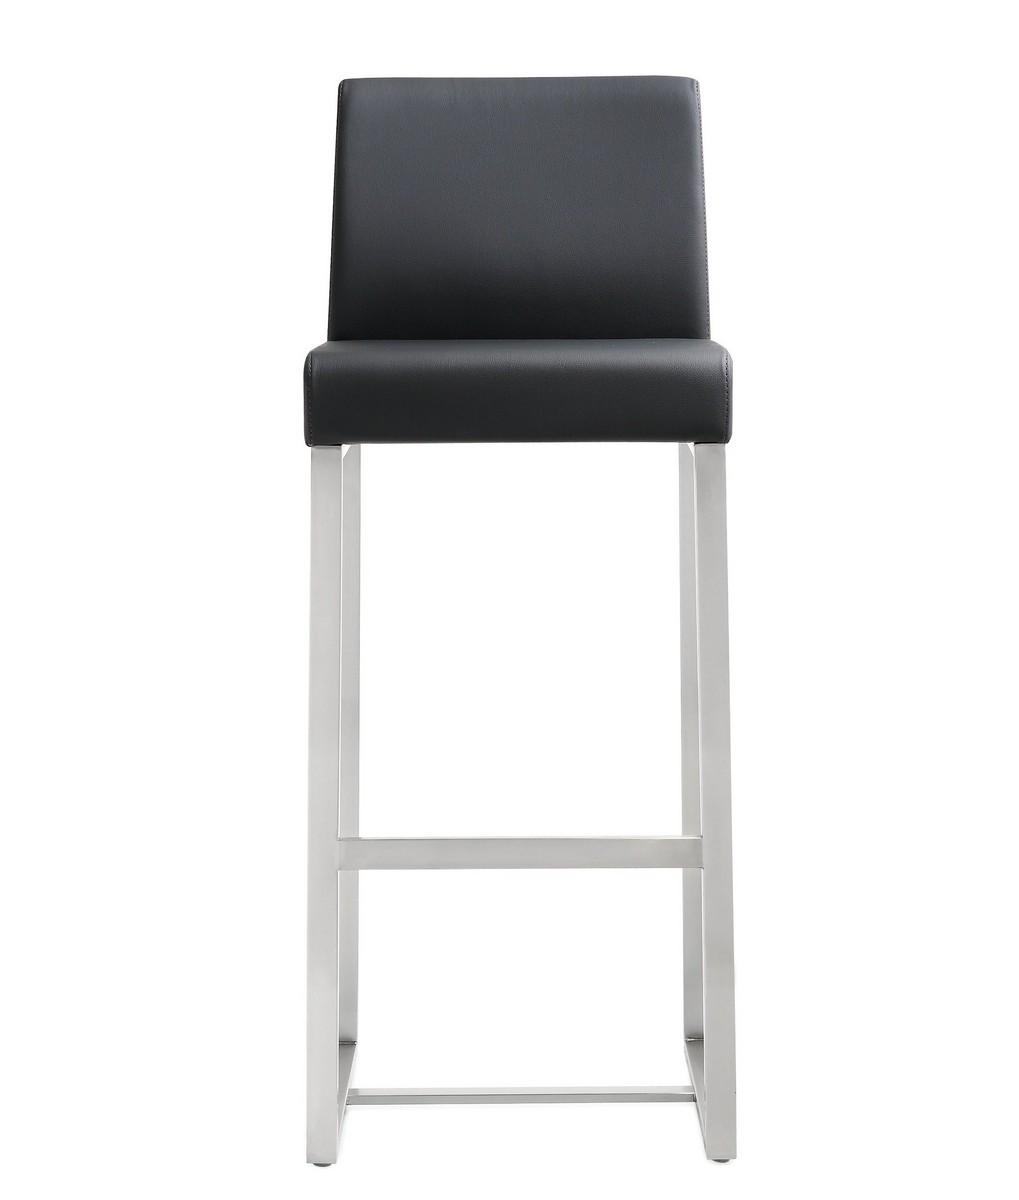 TOV Furniture Denmark Black Stainless Steel Barstool (Set of 2)